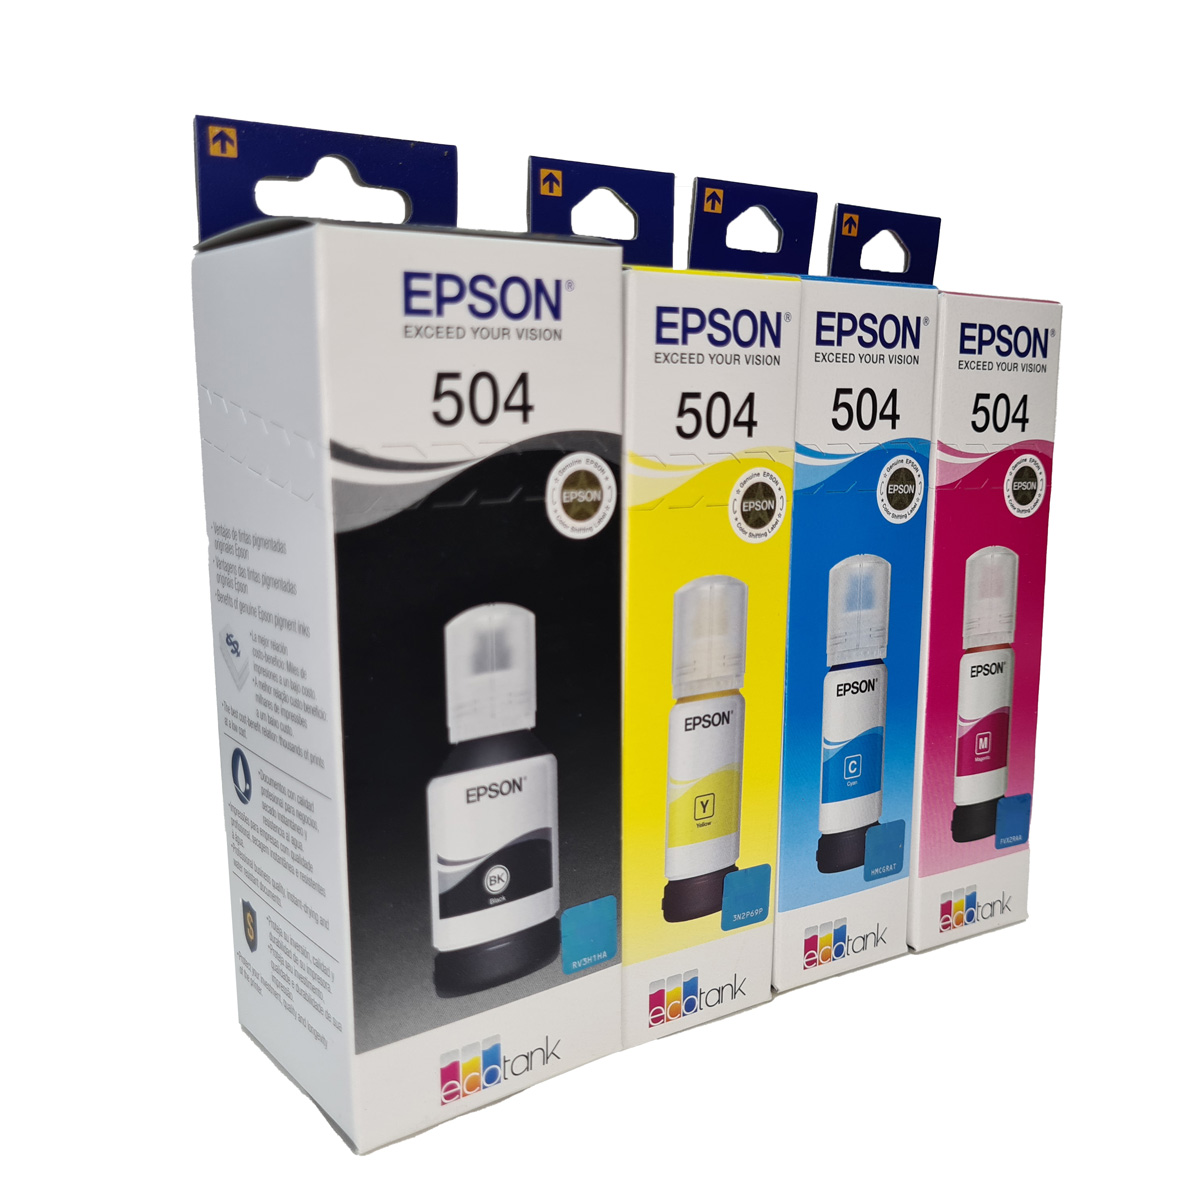 Kit 4 refil de tinta T504 504 preto e colorido Epson para L4150 L4160 L6161 L6171 L6191